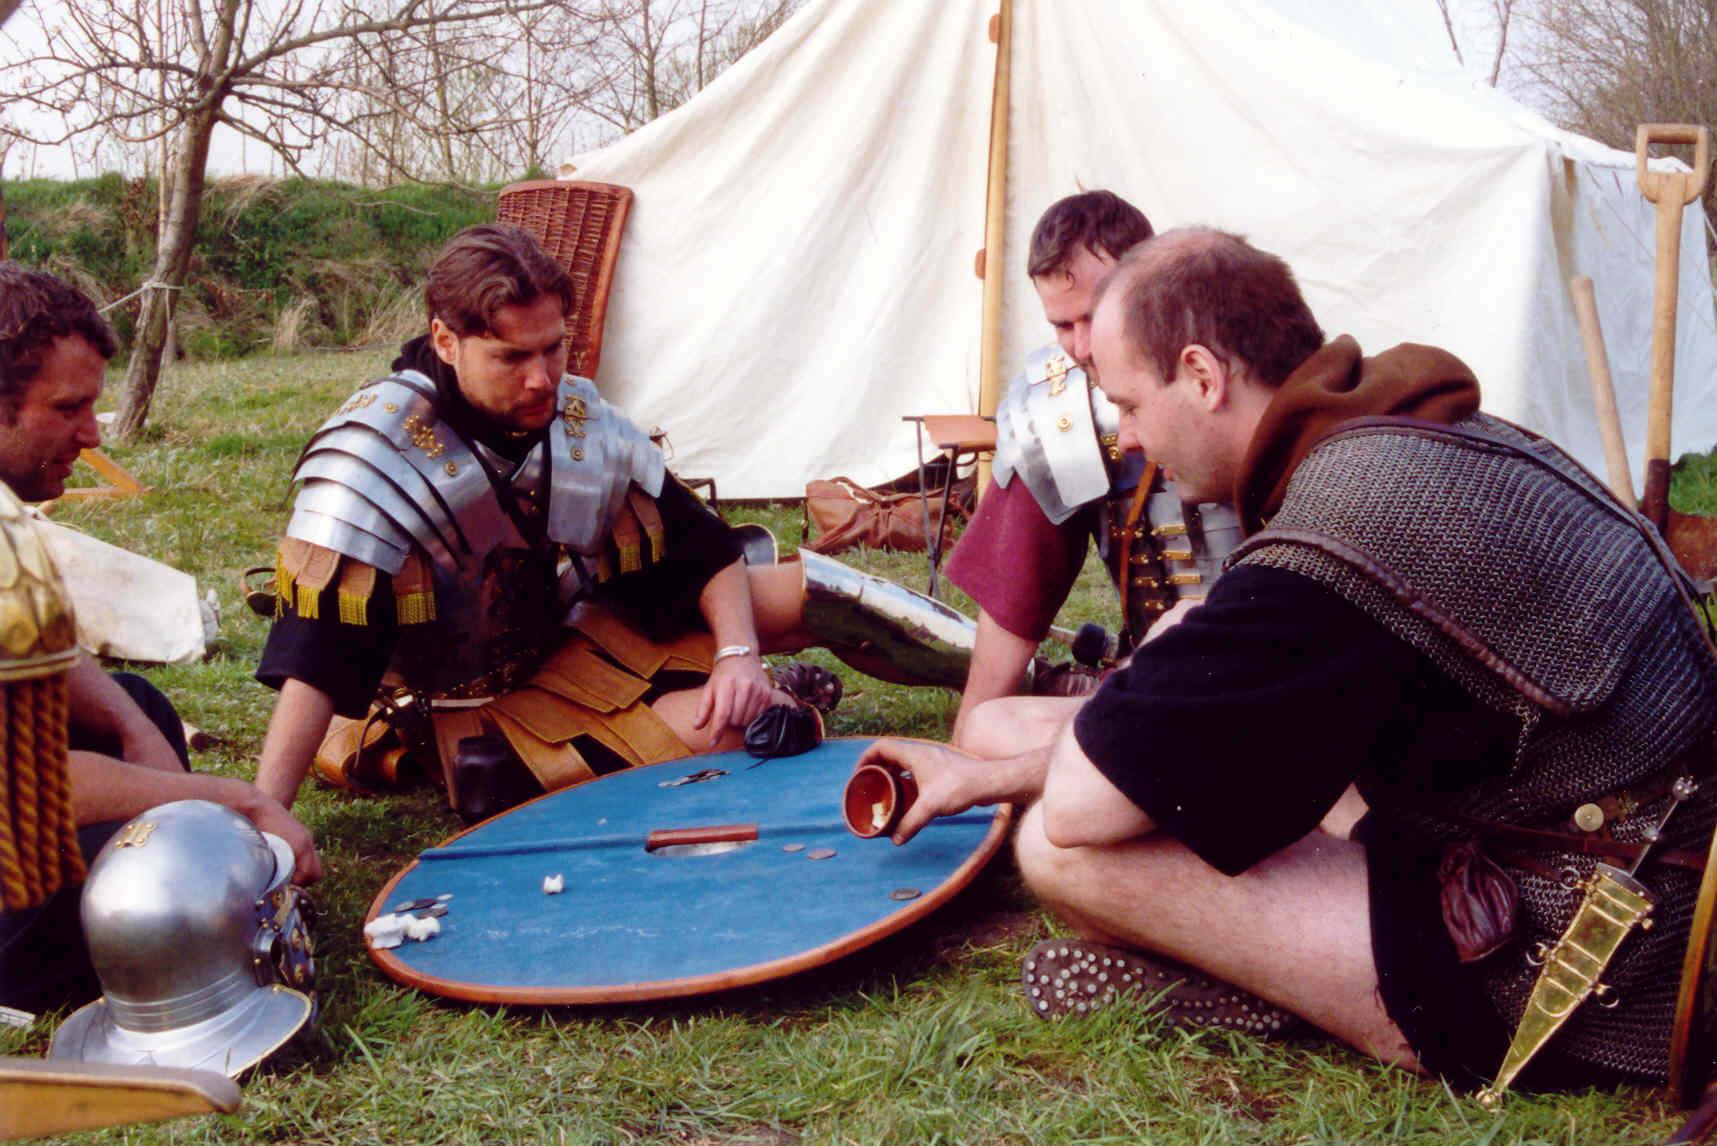 Romeinen aan het dobbelen